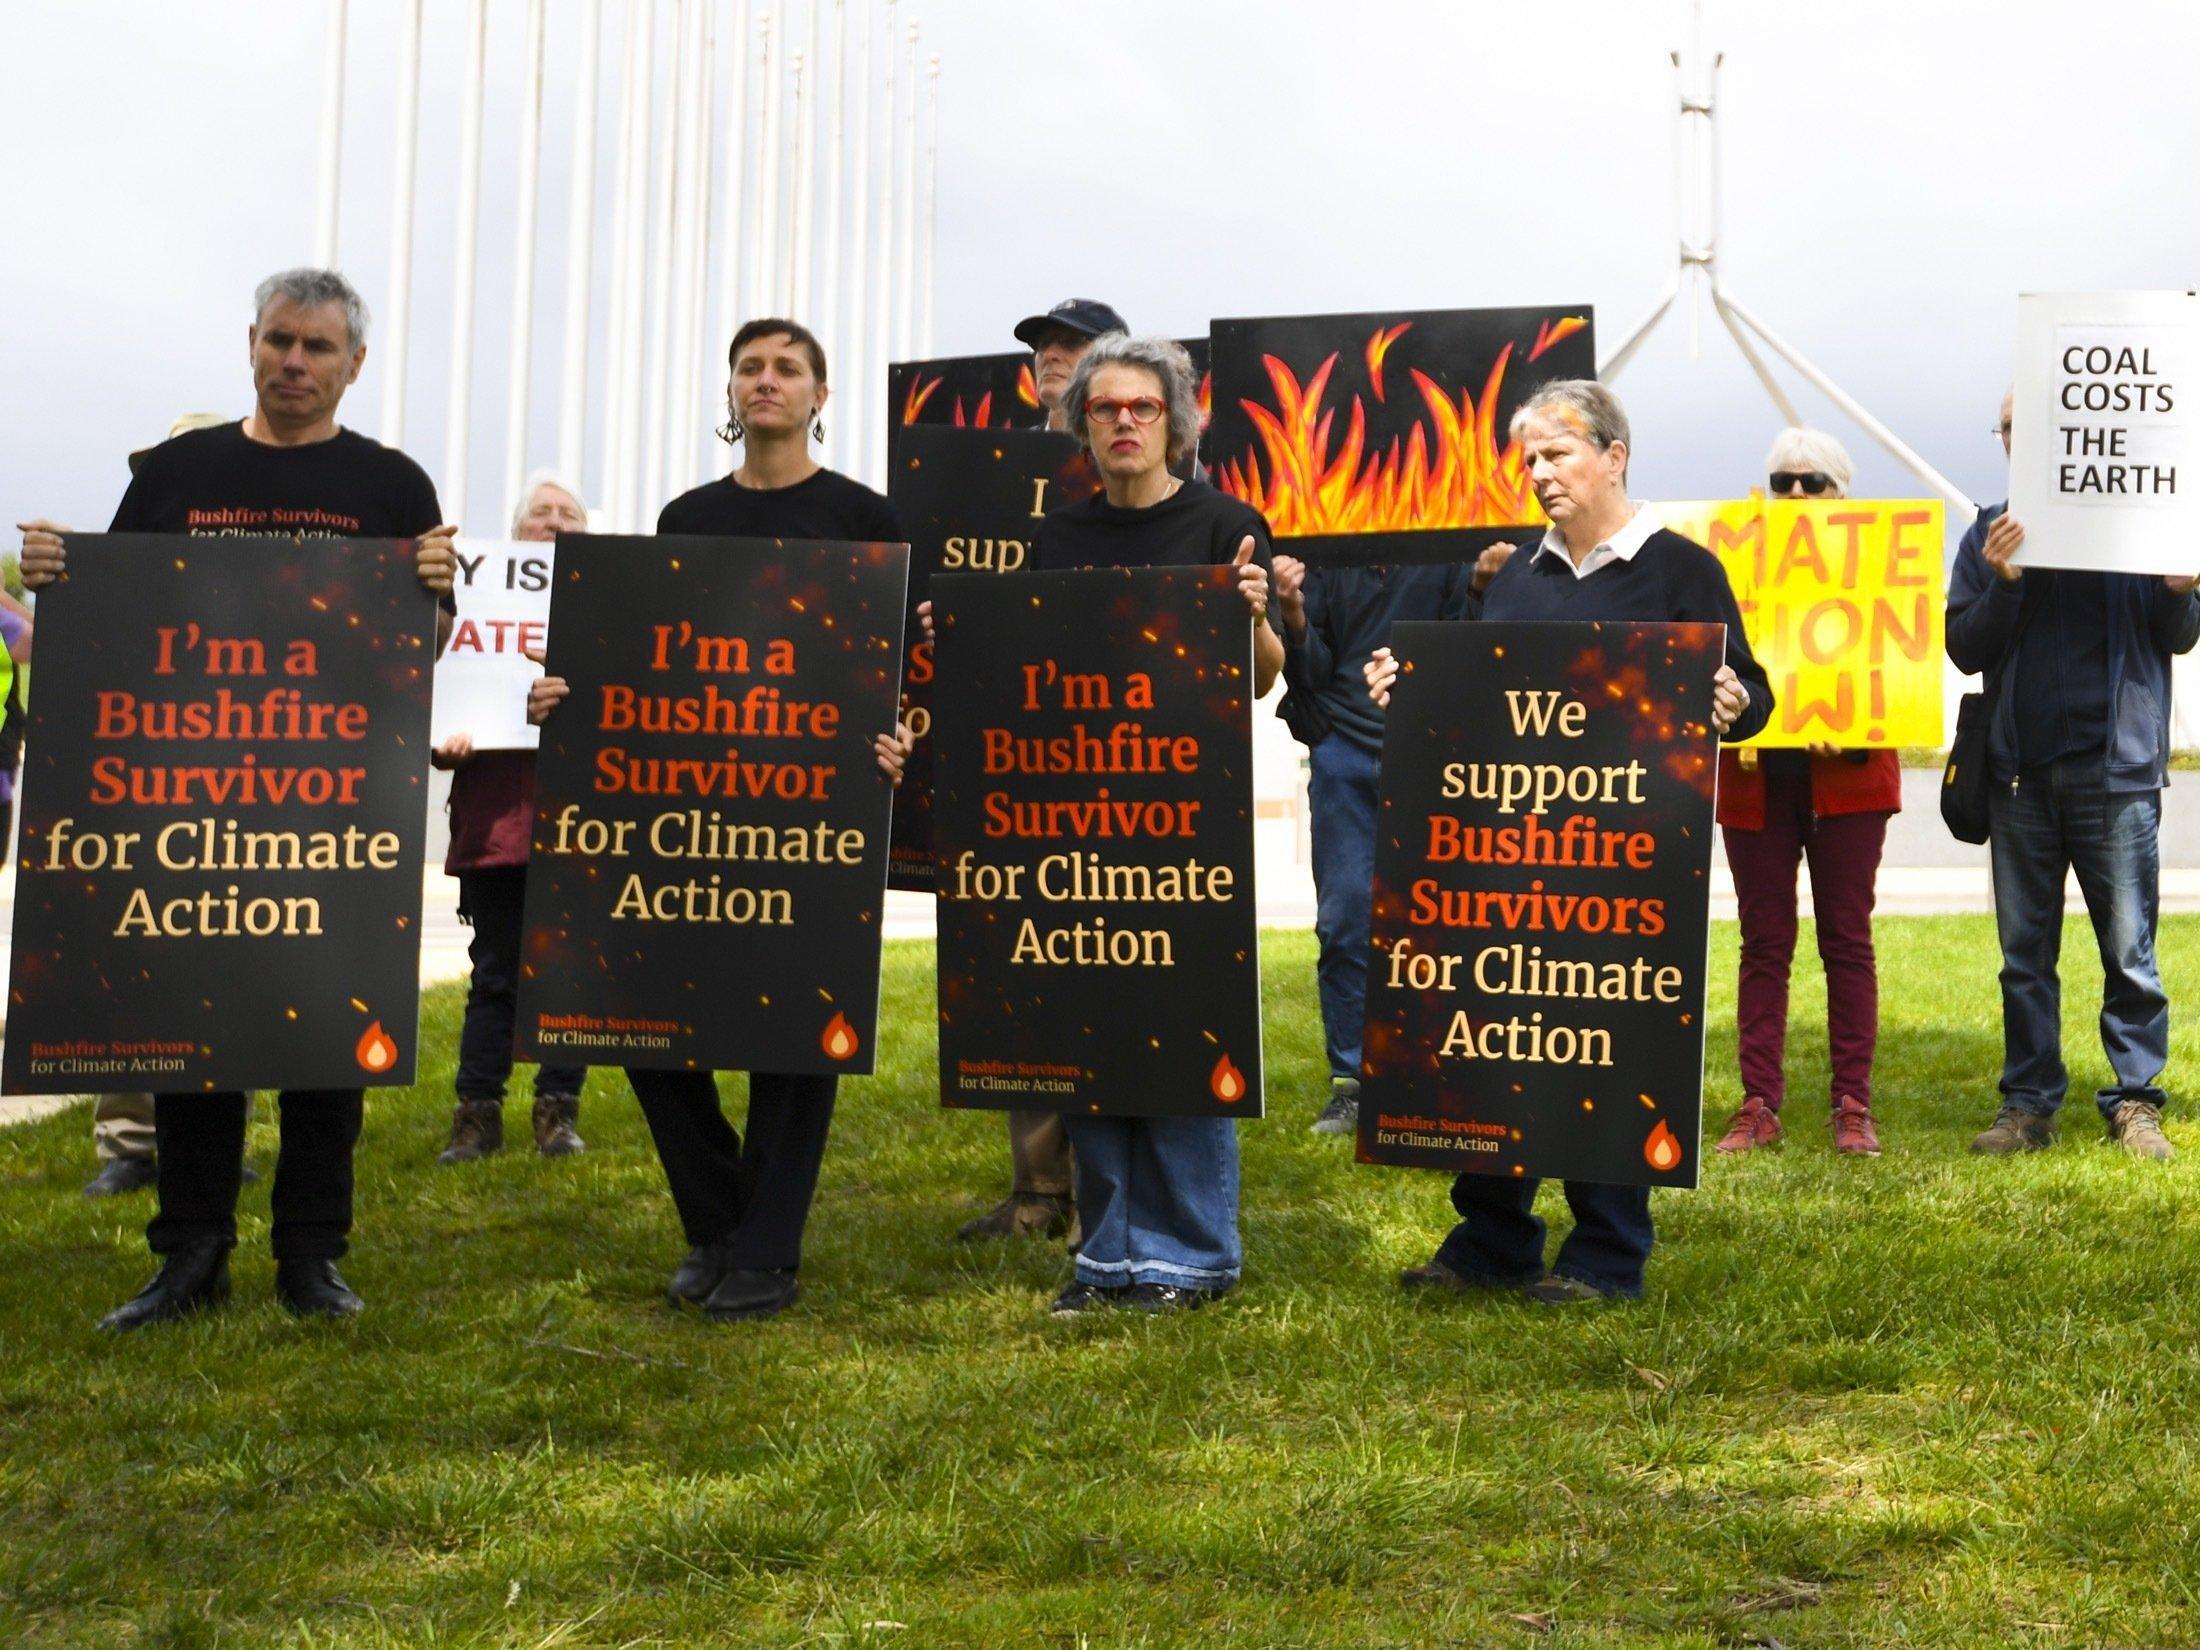 Demonstrantïnnen, die sich als Überlebende der Bushfire bezeichnen, fordern mit Schildern, dass die Regierung beim Klimaschutz endlich handelt.